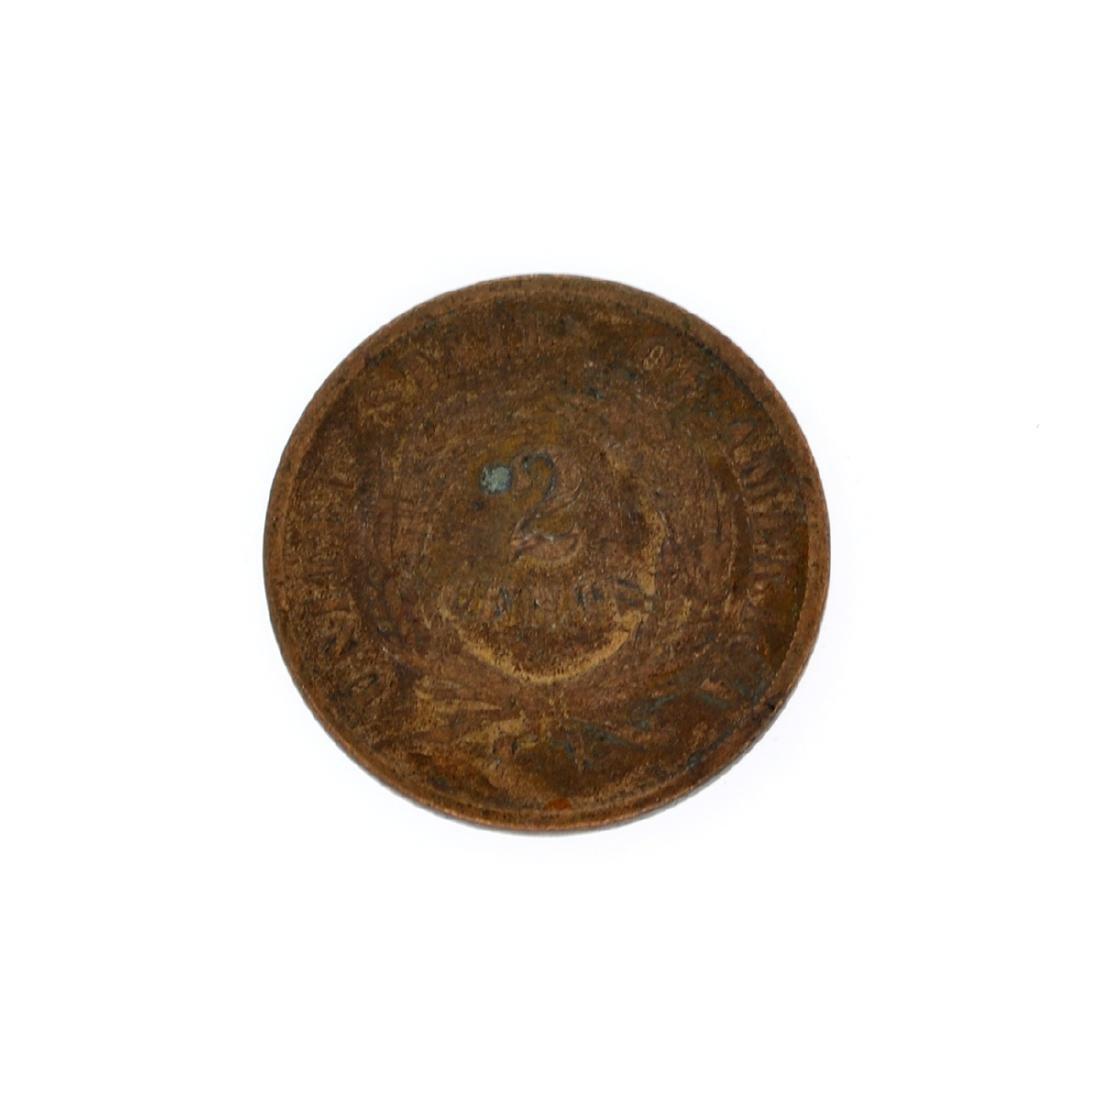 Rare XXXX Two-Cents Piece Coin - 2